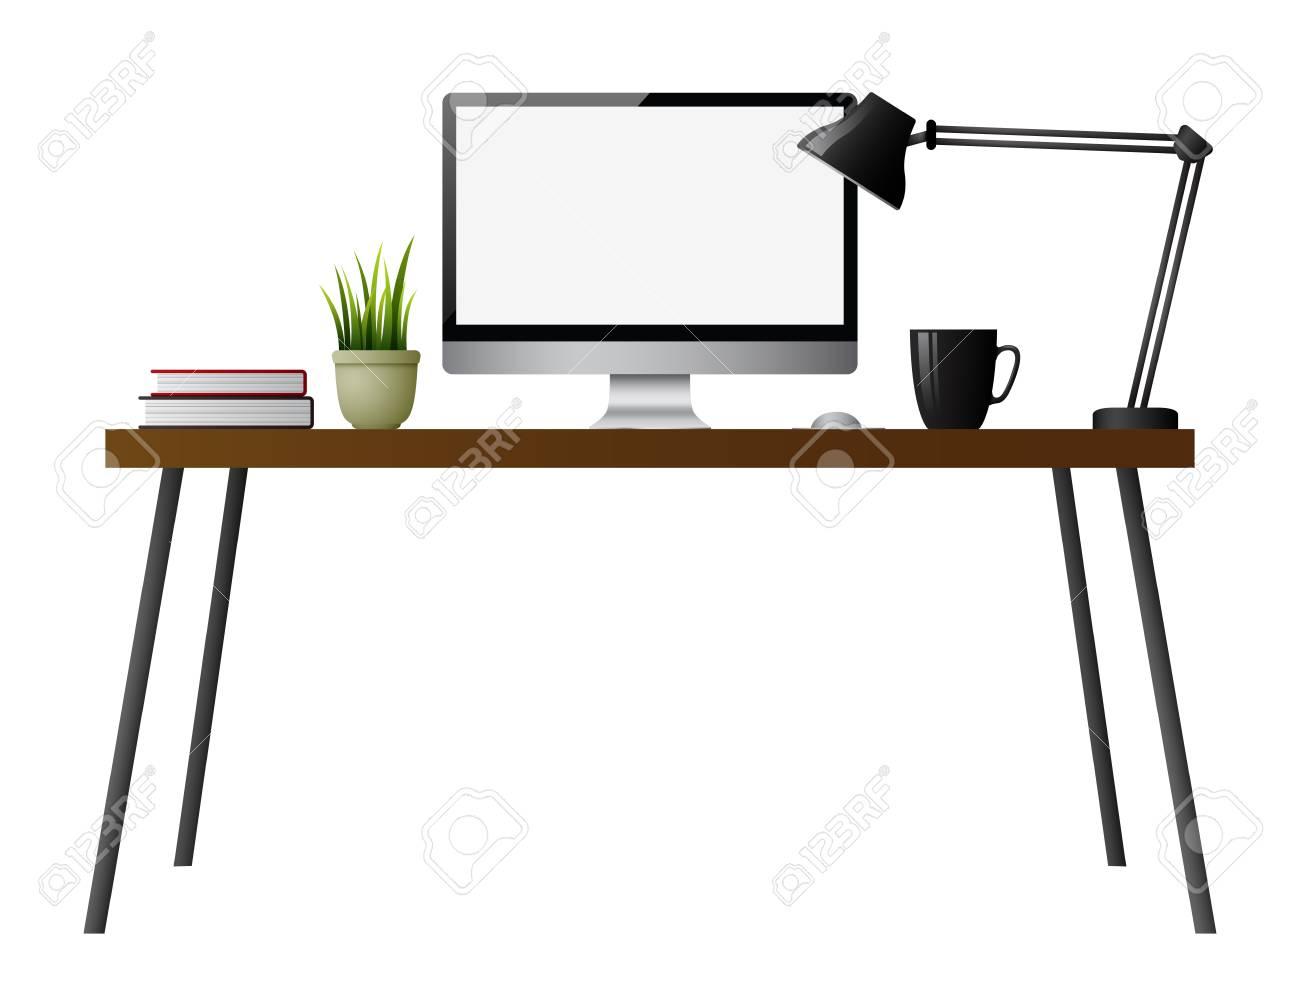 - Computer Desk On A White Background Lizenzfrei Nutzbare